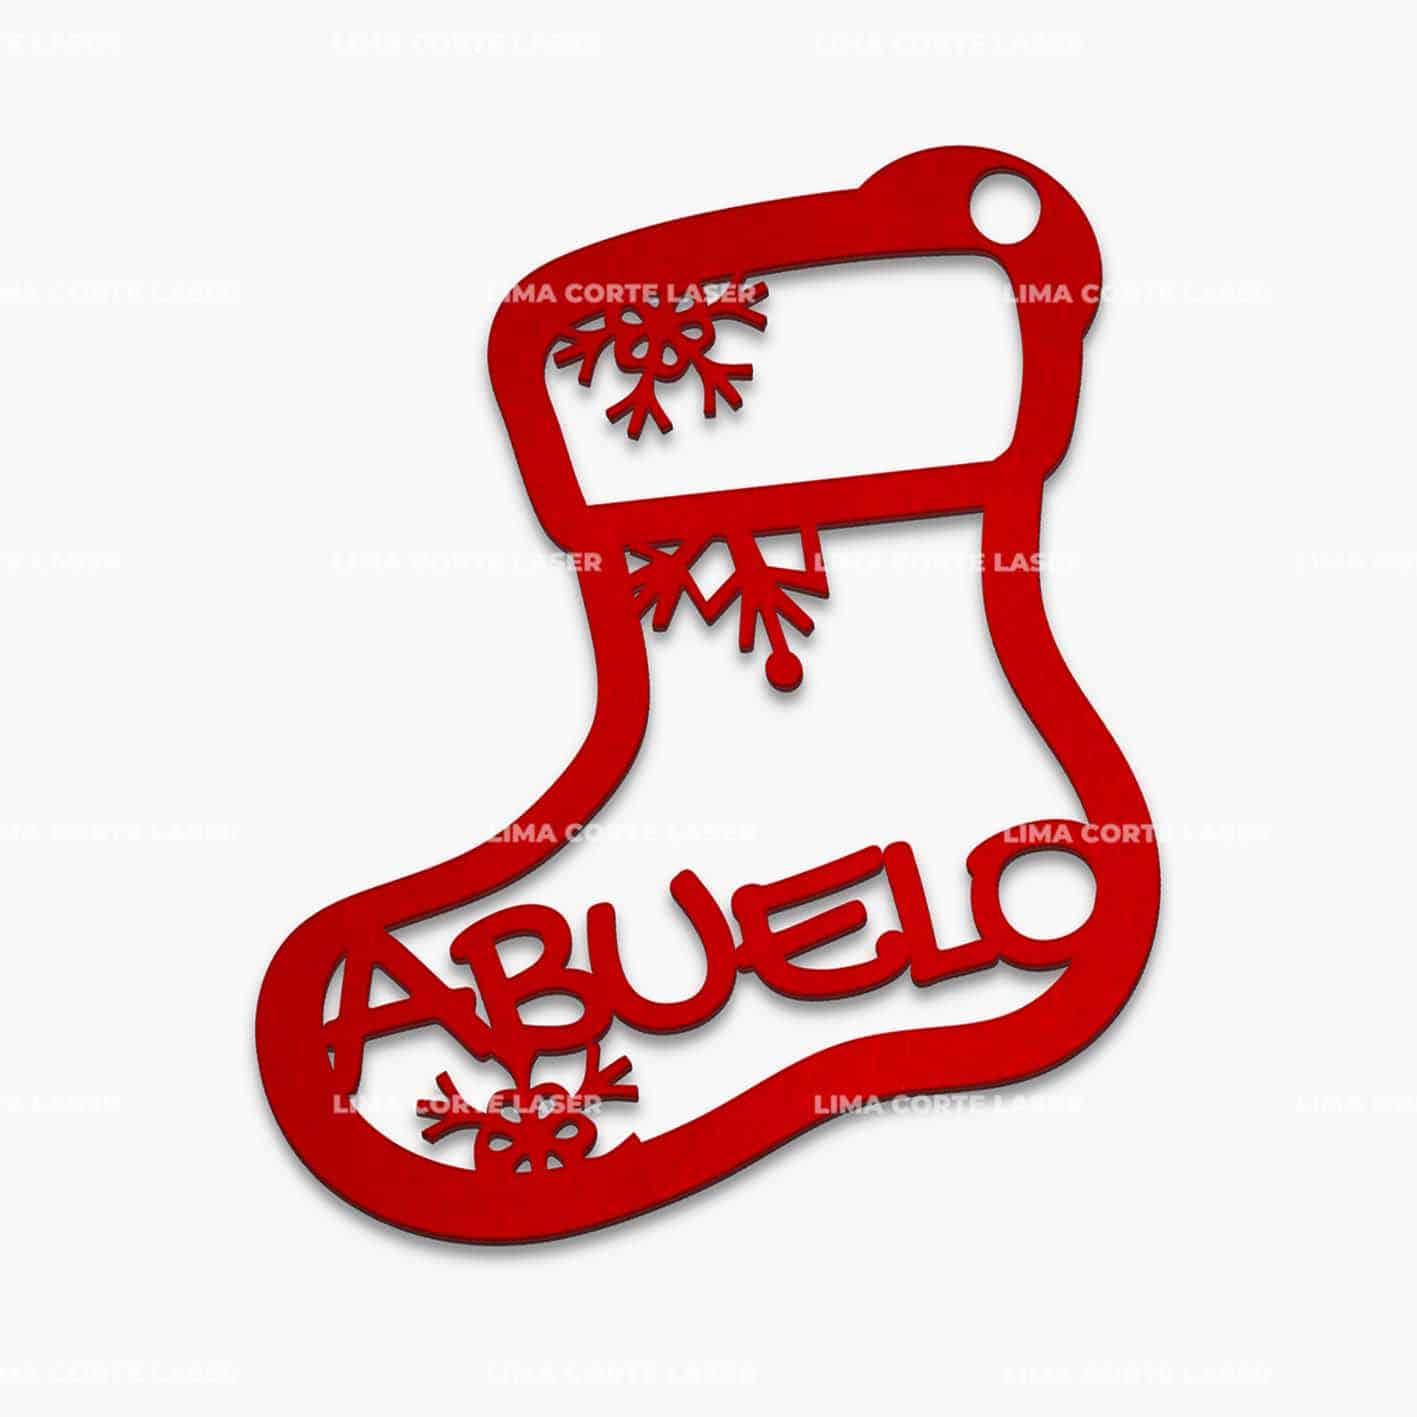 Adorno navideño personalizado con forma de bota de navidad y la palabra abuelo